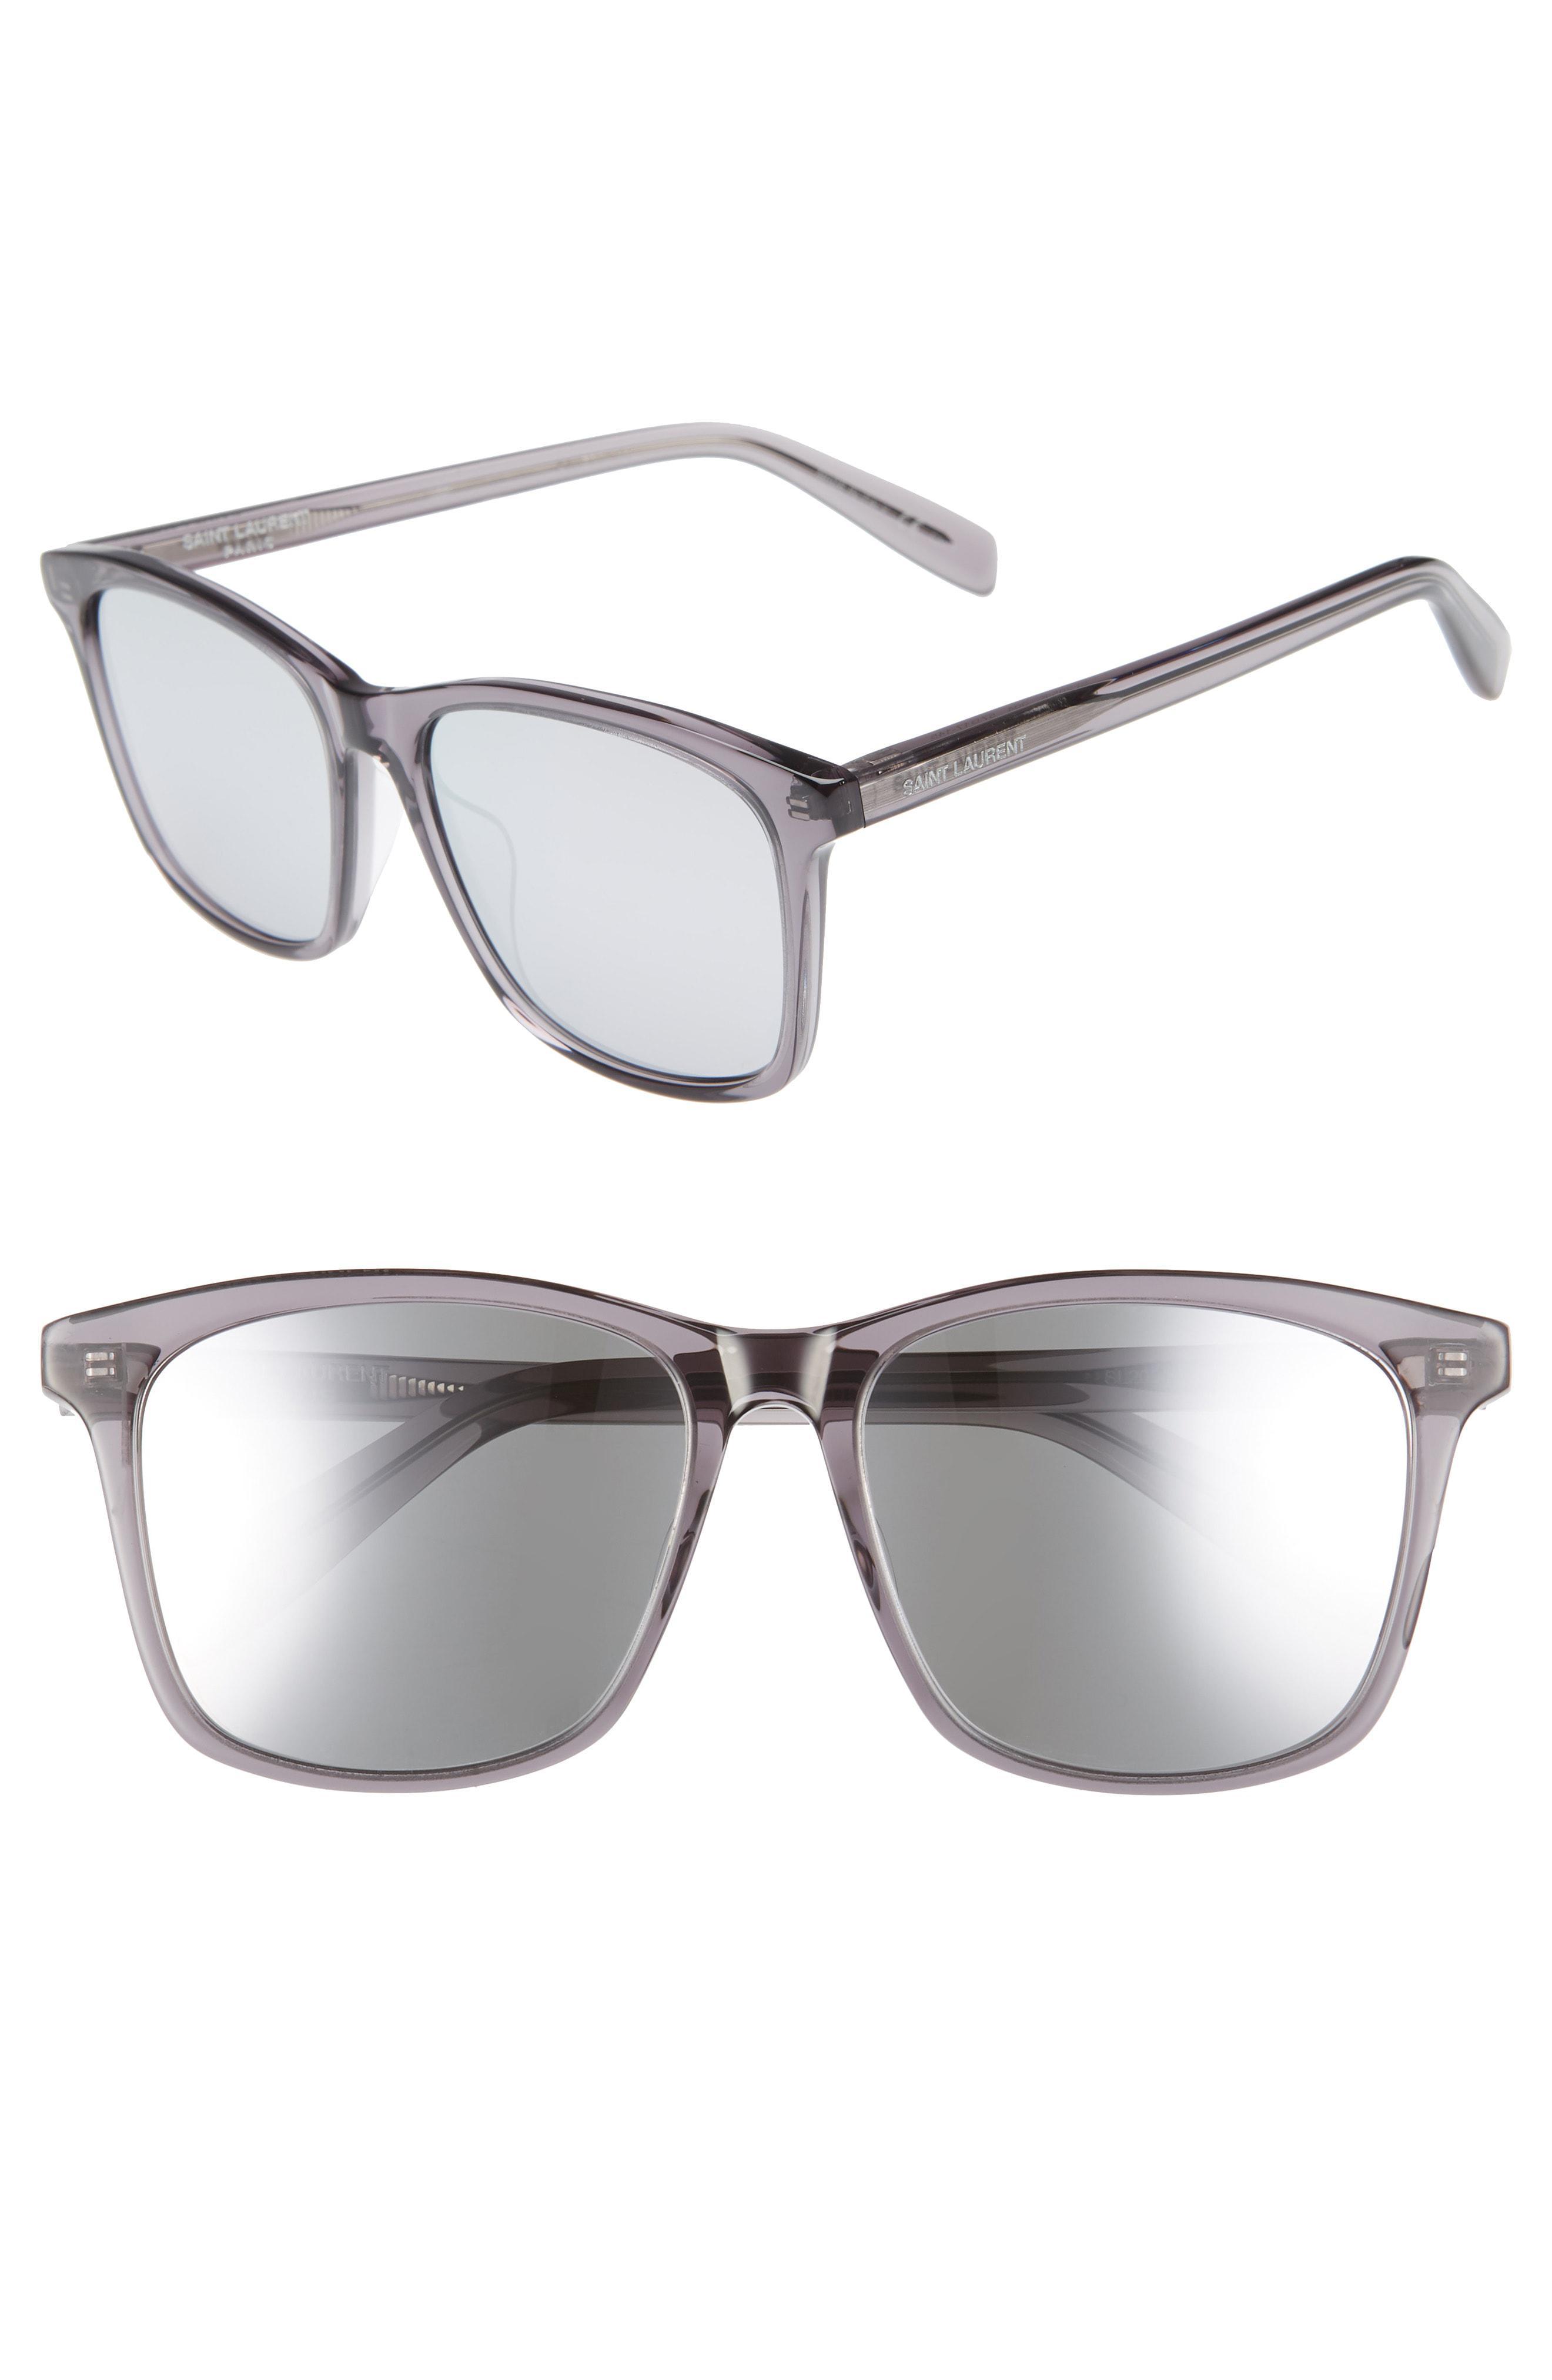 345c5bafea7ff Lyst - Saint Laurent 205 k 57mm Sunglasses - for Men